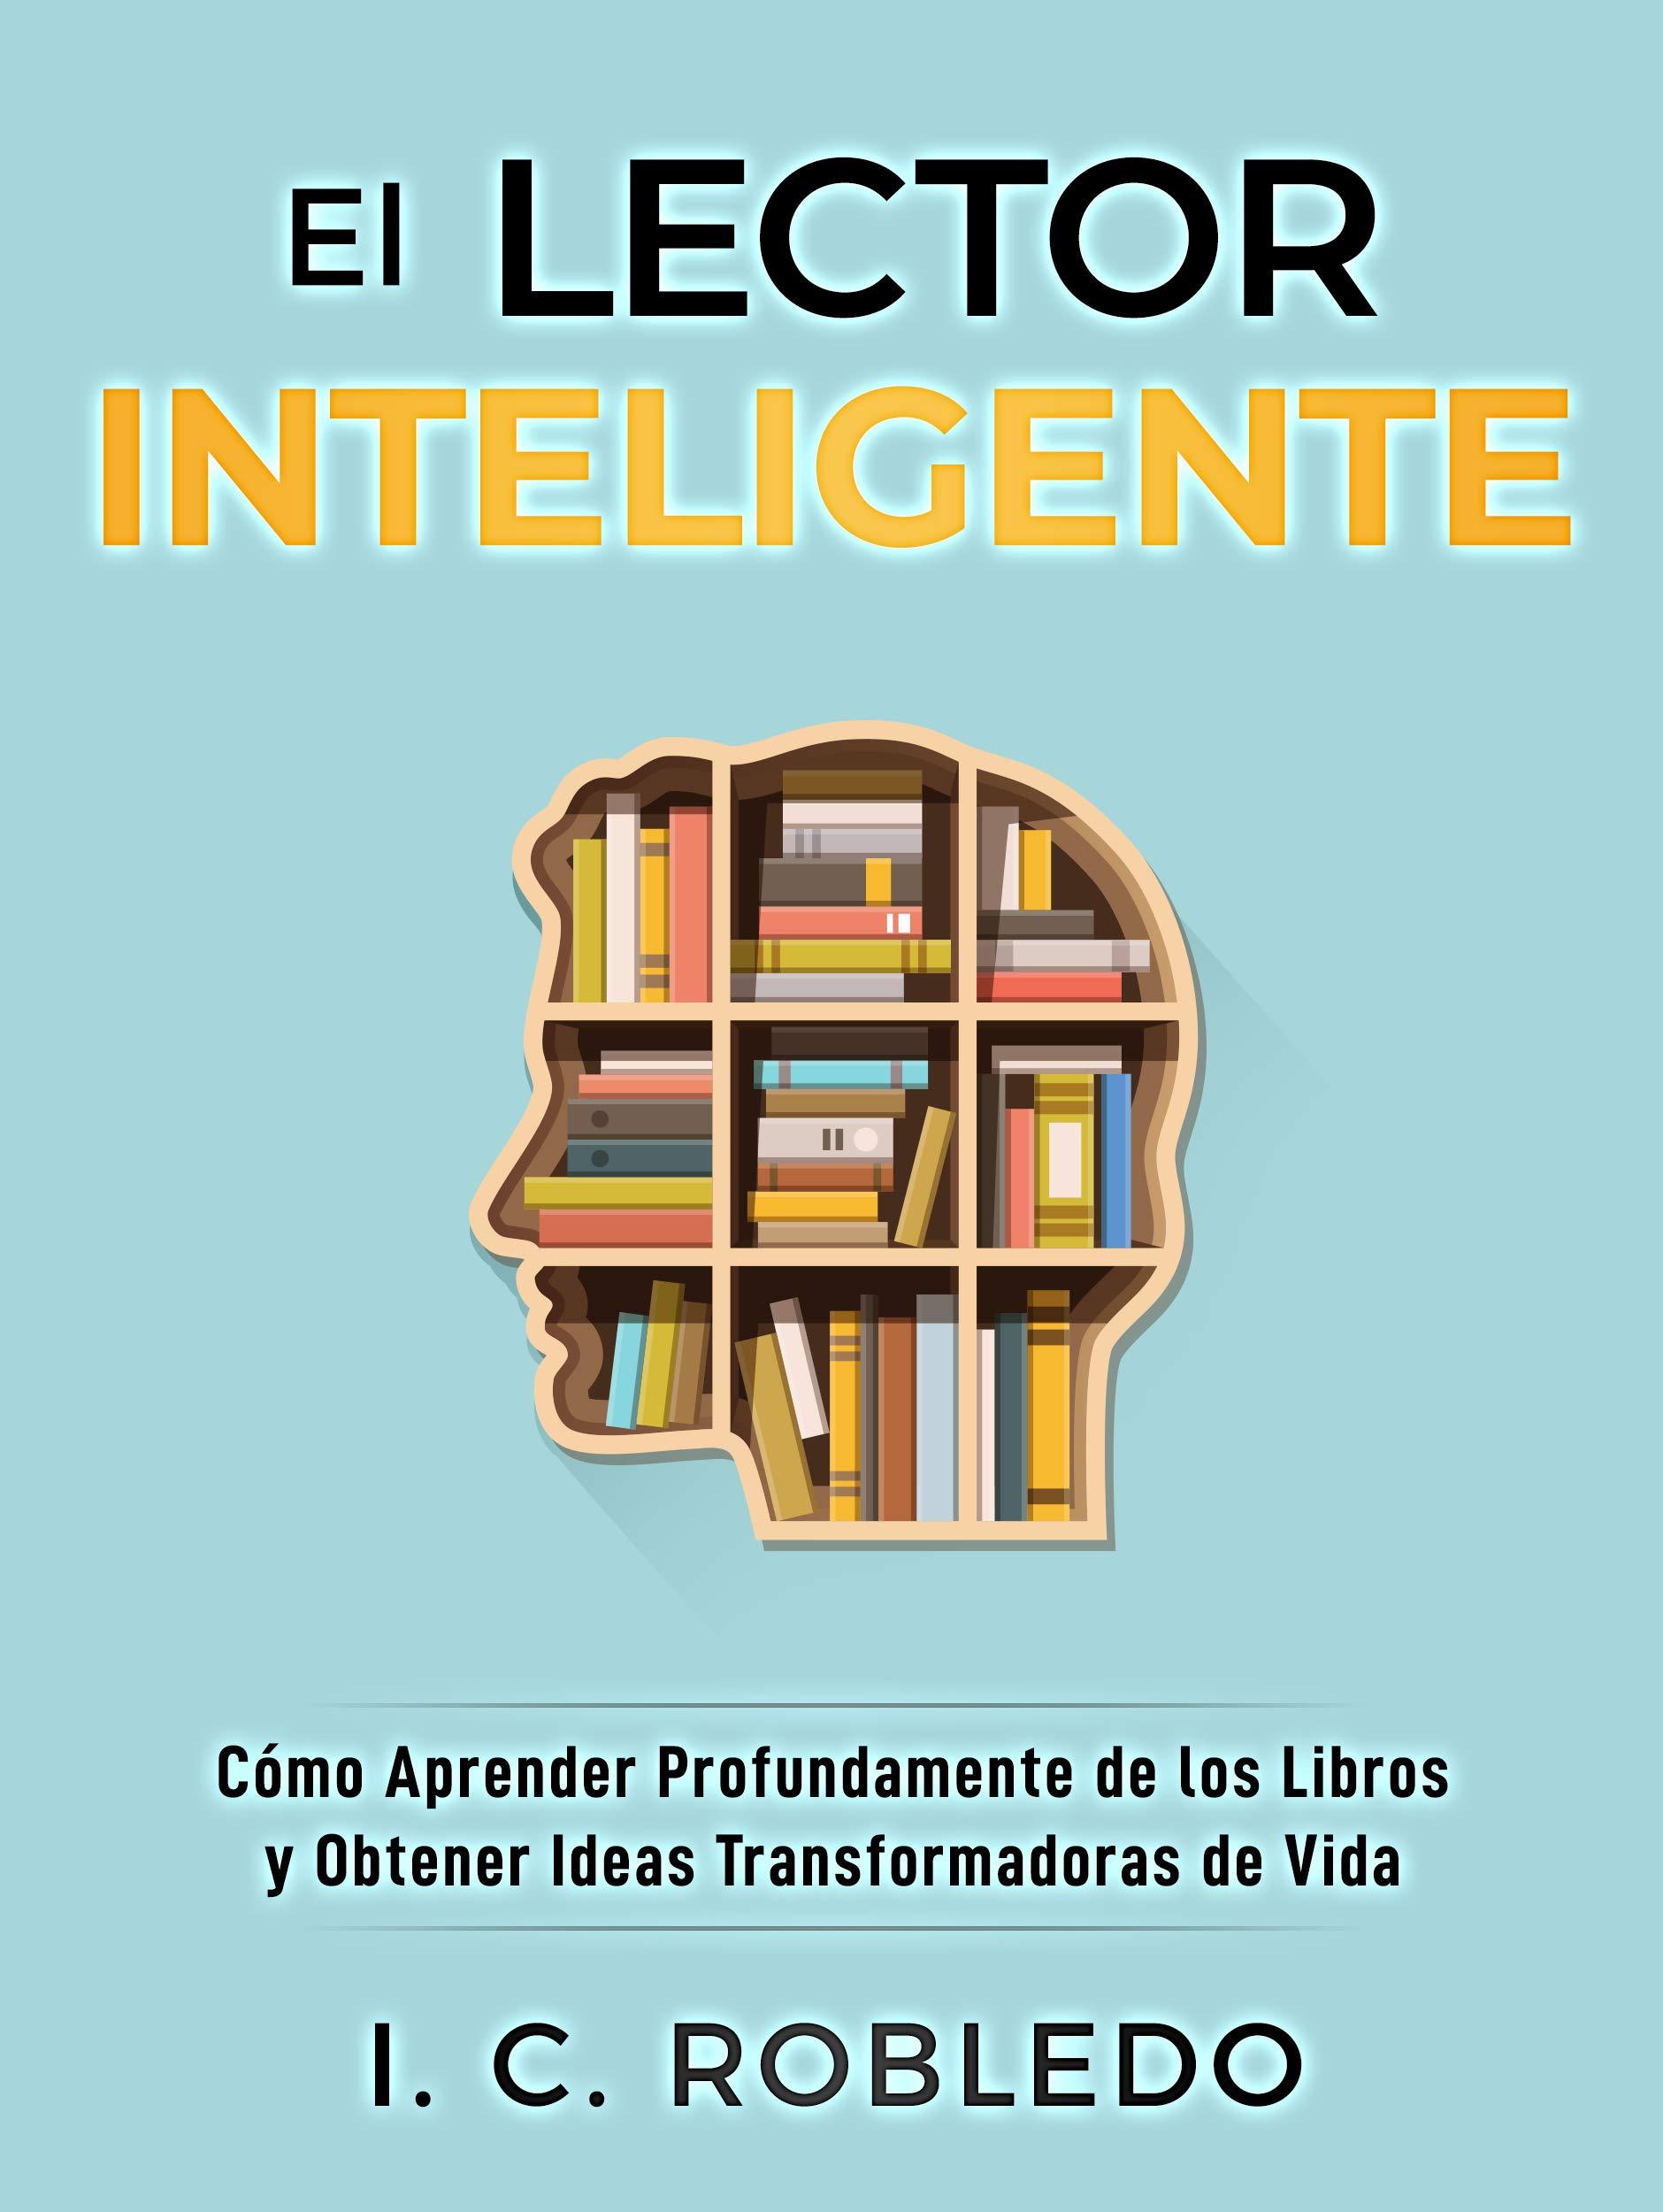 El Lector Inteligente: Cómo Aprender Profundamente de los Libros y Obtener Ideas Transformadoras de Vida (Domine Su Mente, Transforme Su Vida nº 11) (Spanish Edition)